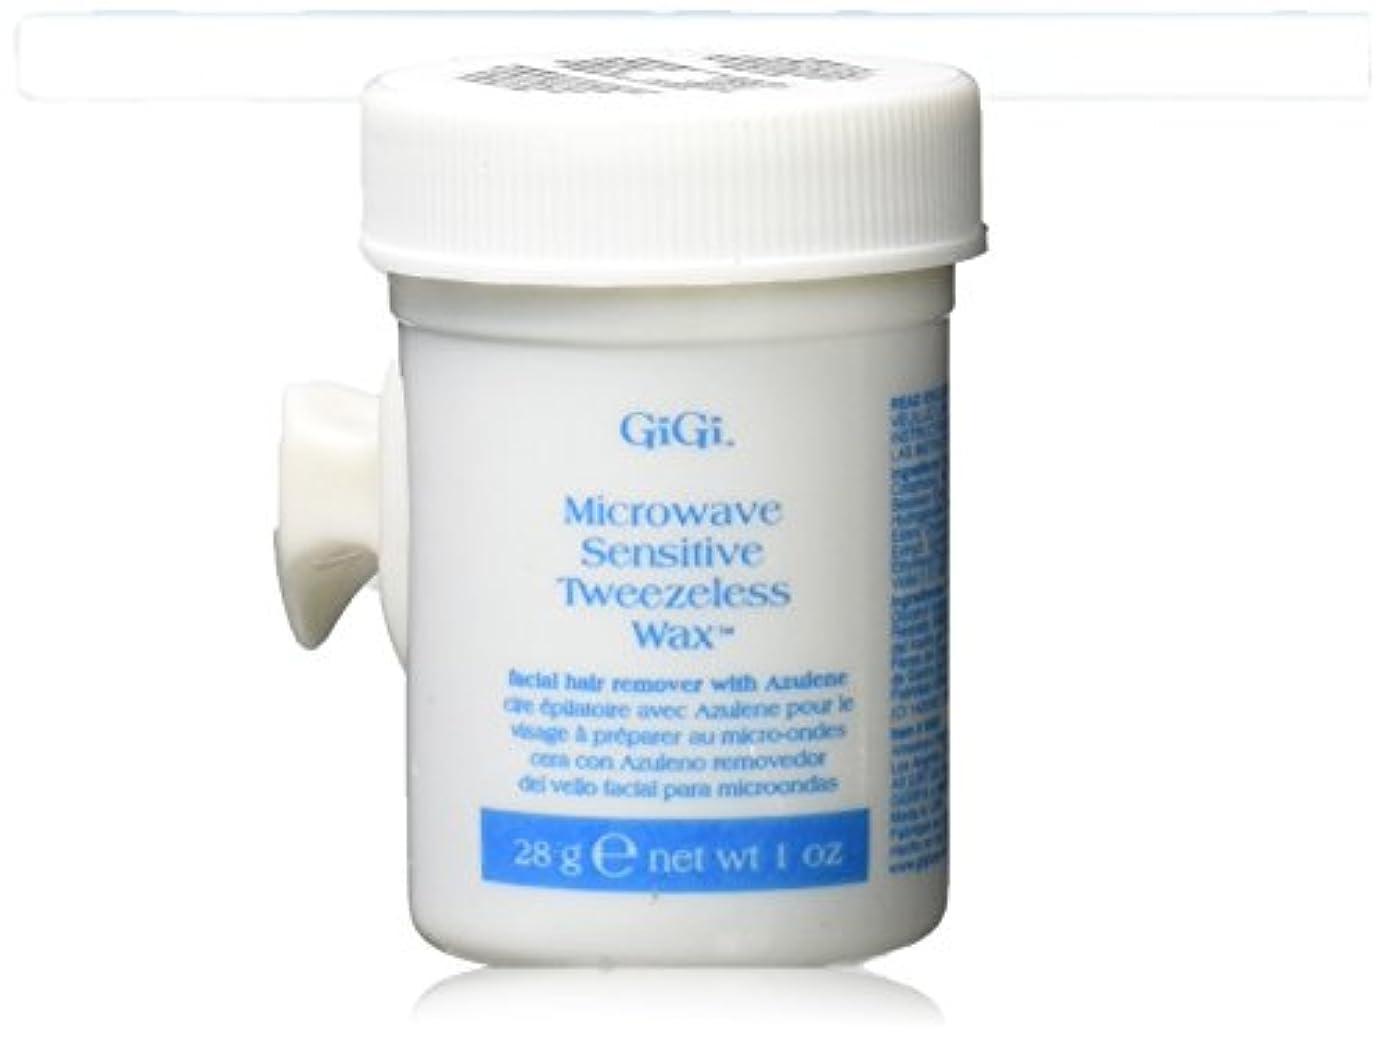 インストール傾向砲撃GiGi 電子レンジTweezelessワックス、1オンス 1オンス